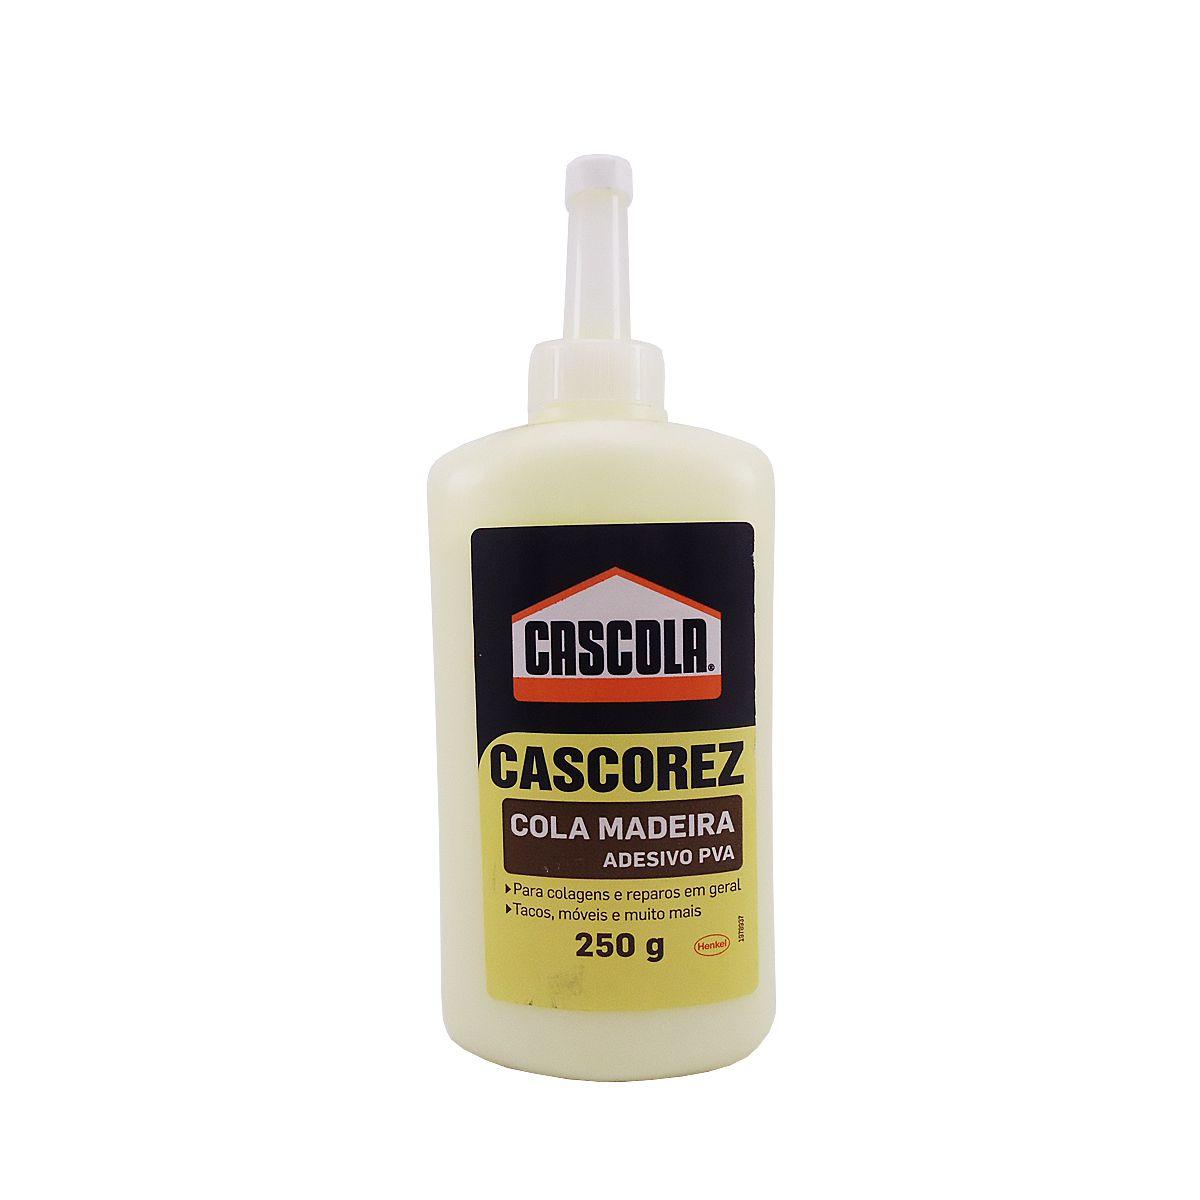 Cola de Madeira Adesivo PVA Cascola 250g